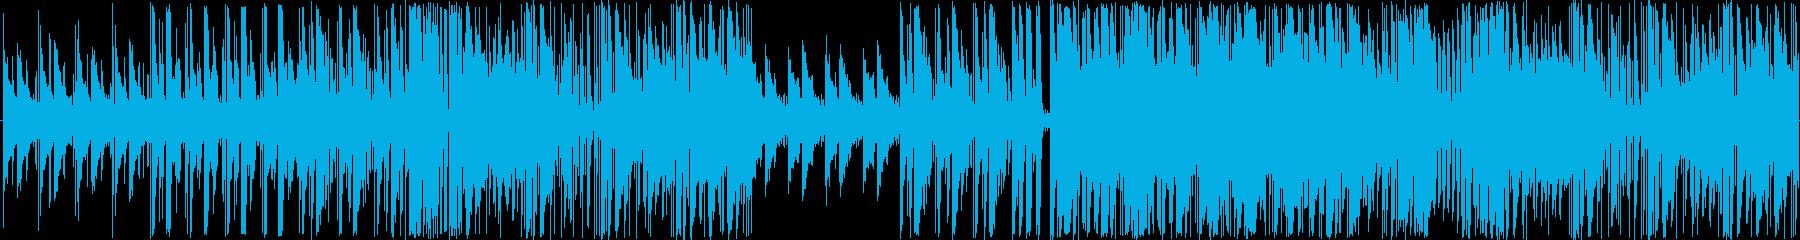 エレクトロと生楽器の軽快でおしゃれな楽曲の再生済みの波形